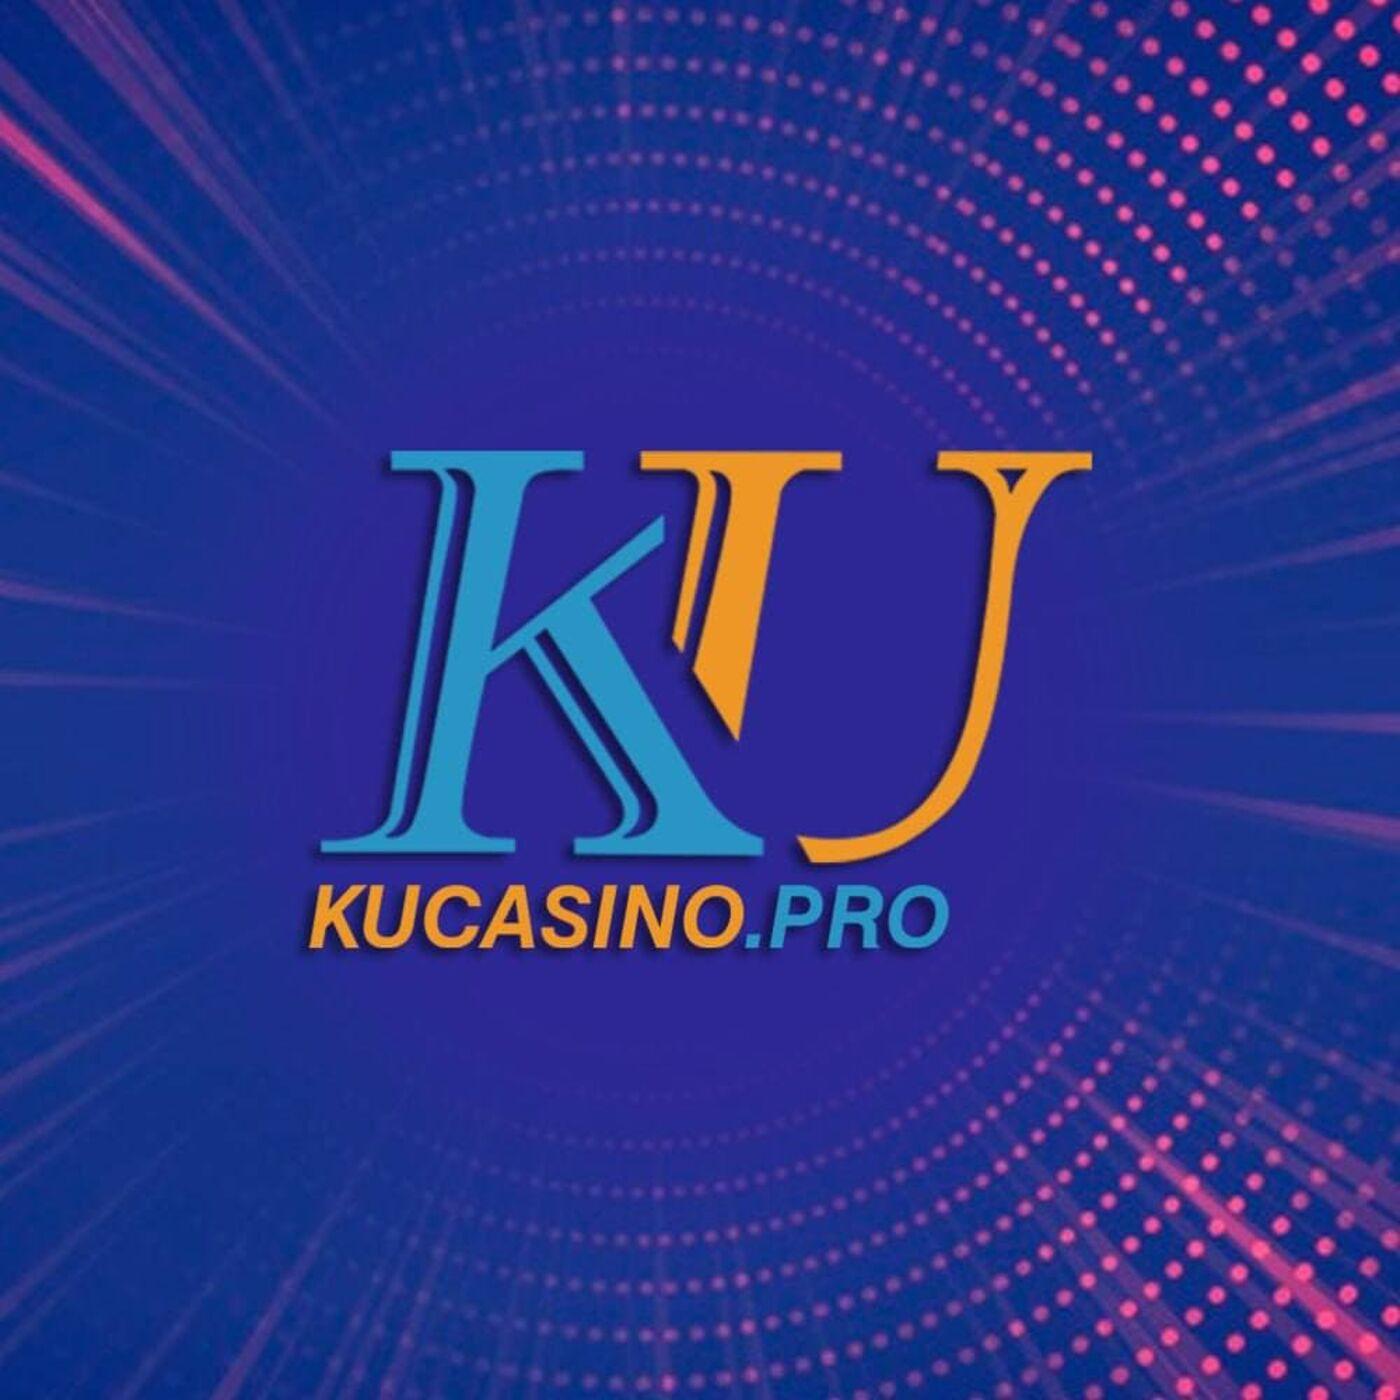 KU Casino nha cai Kucasino so 1 Viet Nam